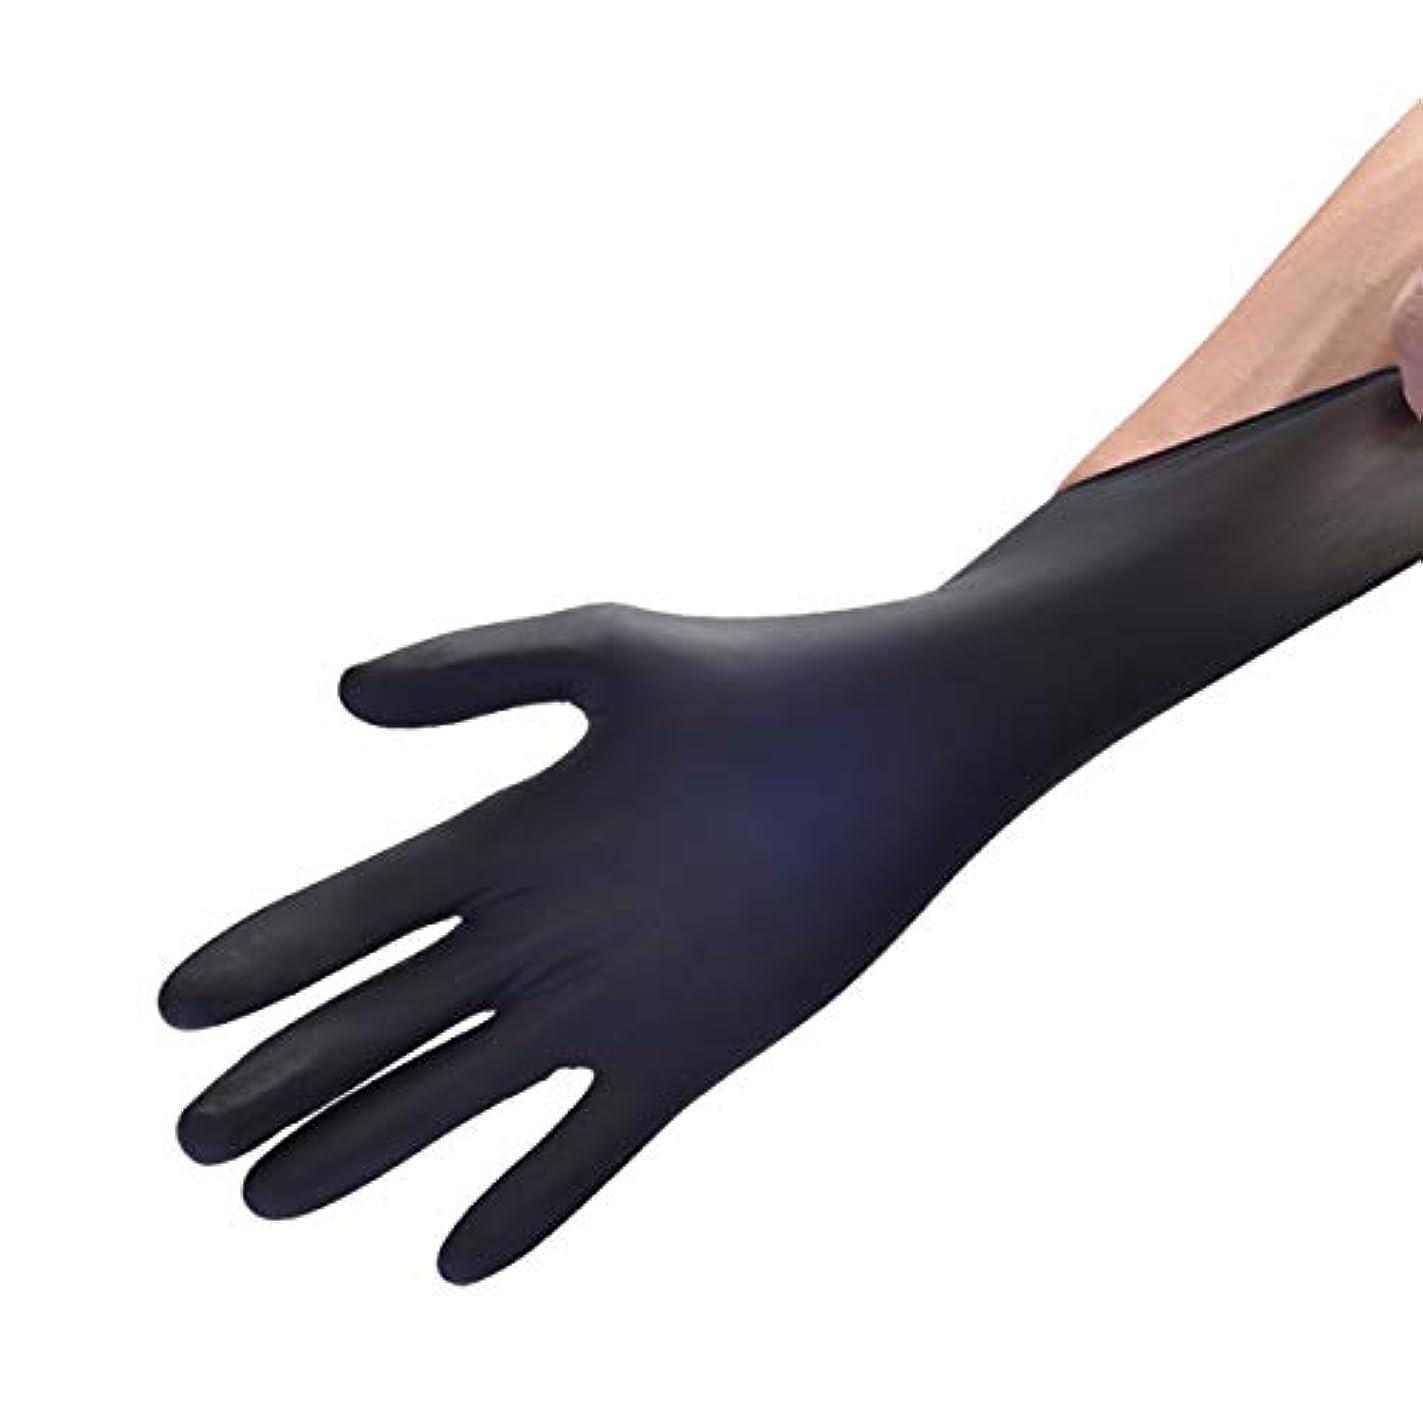 株式貸すスペクトラムビニール手袋 使い捨て手袋 グローブ ニトリルグローブ ゴム手袋 粉なし 男女兼用 作業 介護 調理 炊事 園芸 掃除用,XL